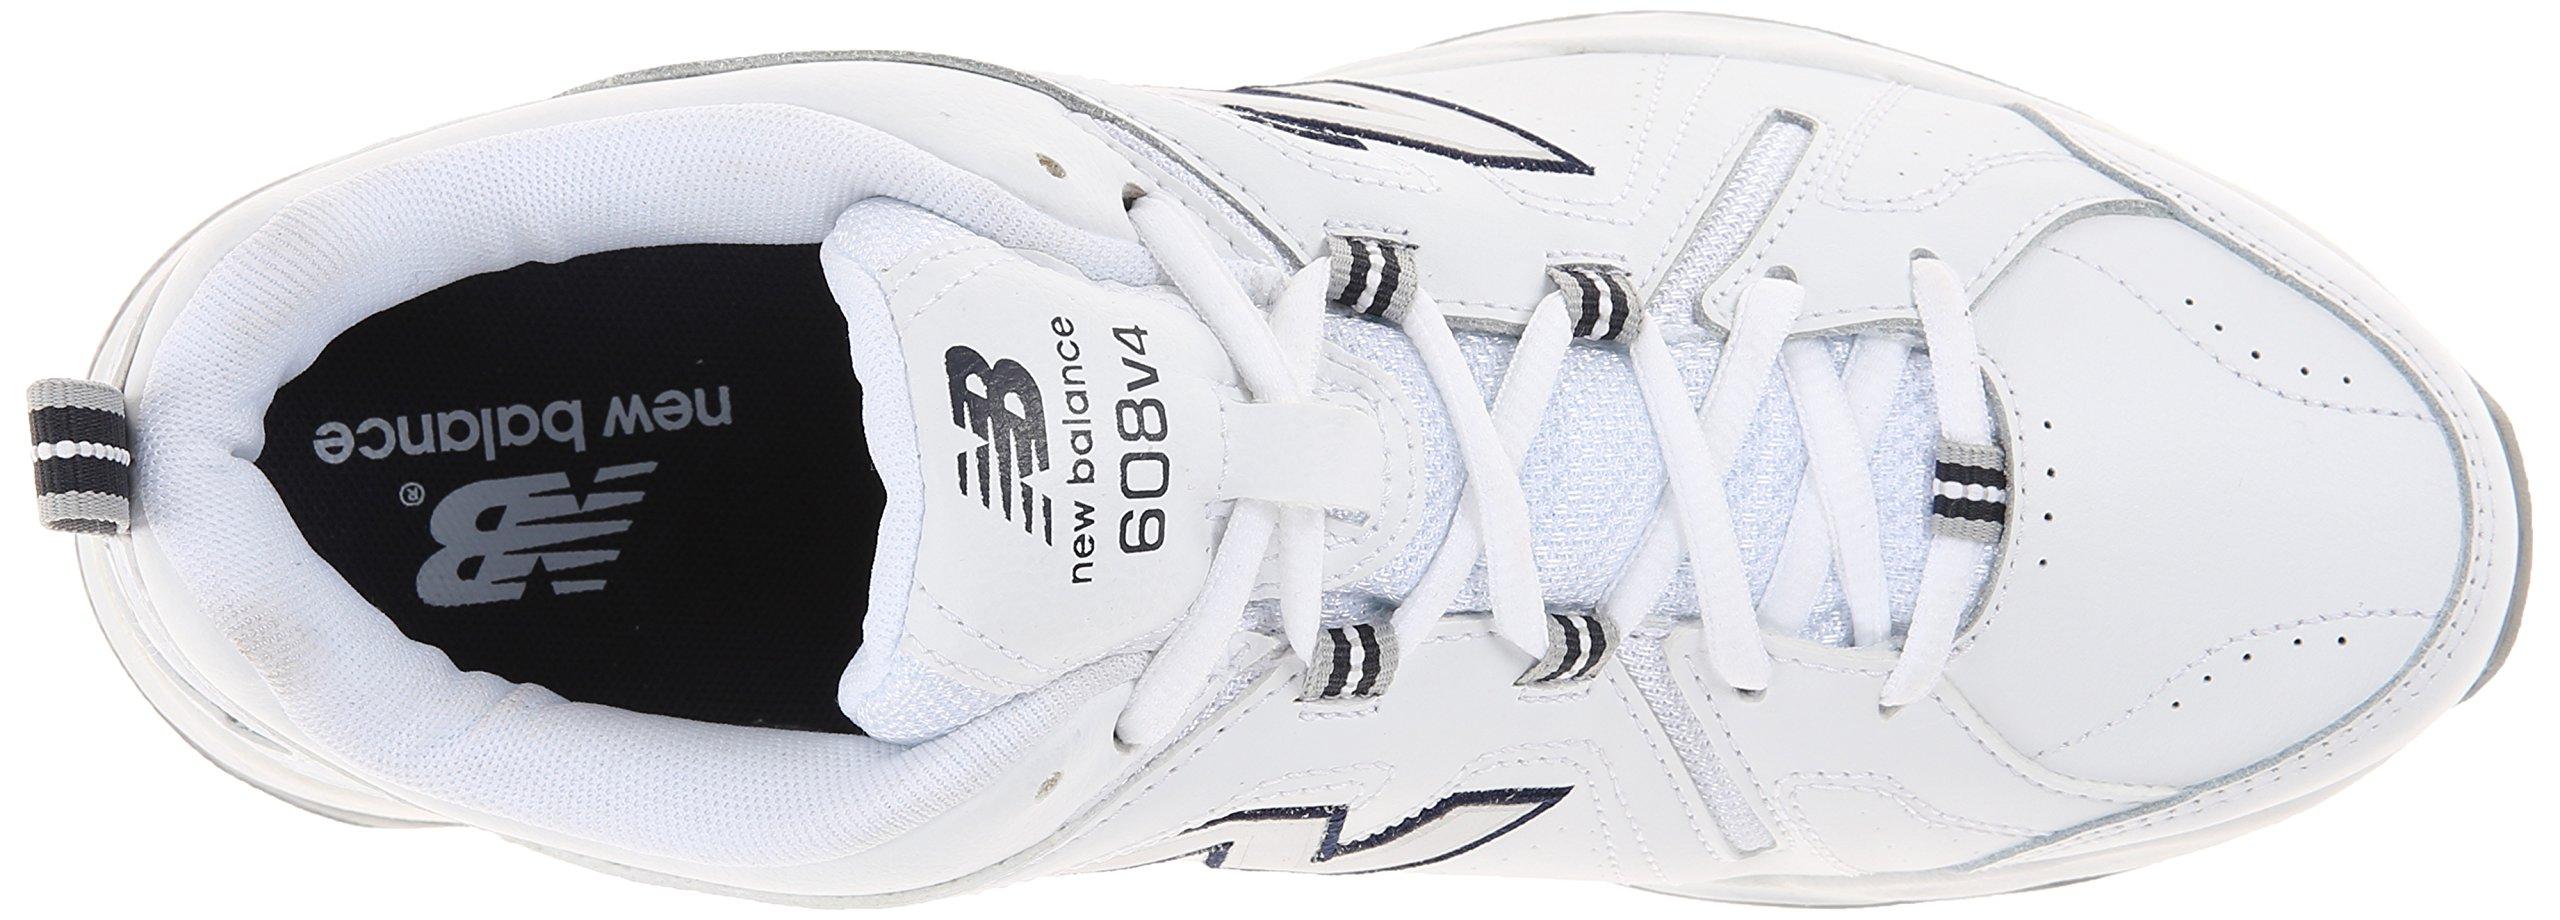 New Balance Women's WX608v4 Training Shoe, White/Navy, 8.5 D US by New Balance (Image #8)